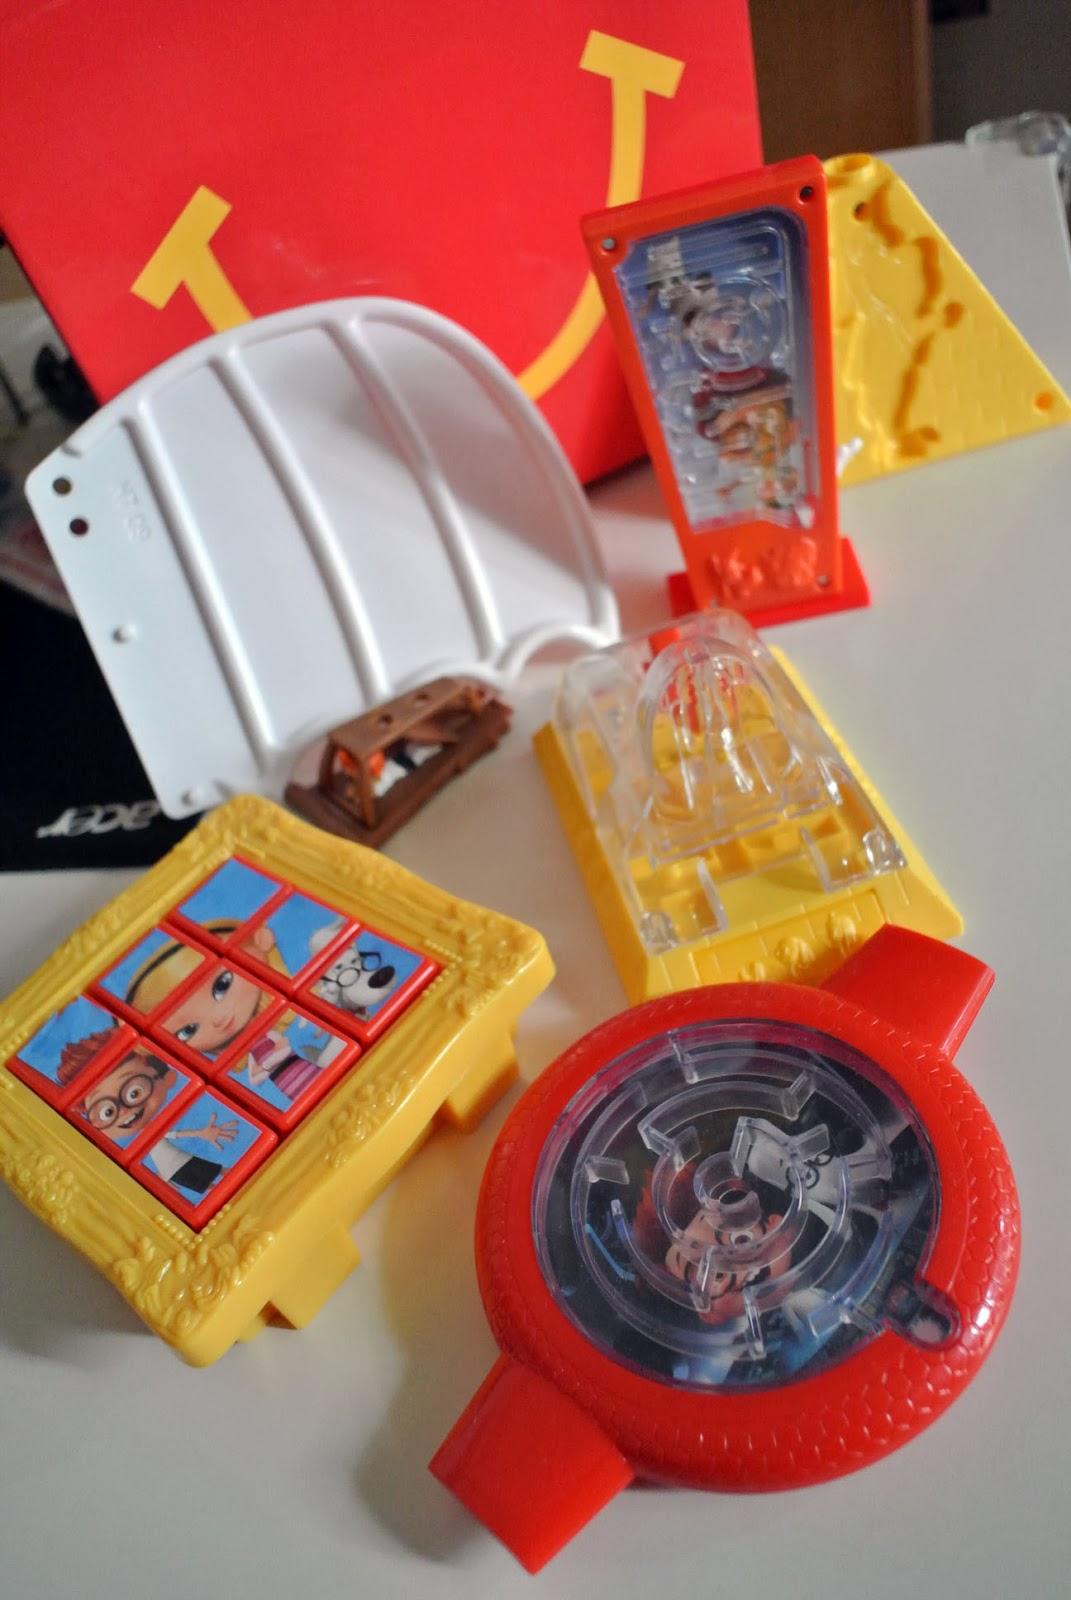 甜魔媽媽新天地: 麥當勞®「開心樂園餐®」x《百寶狗先生與細蚊:時光機大歷險》